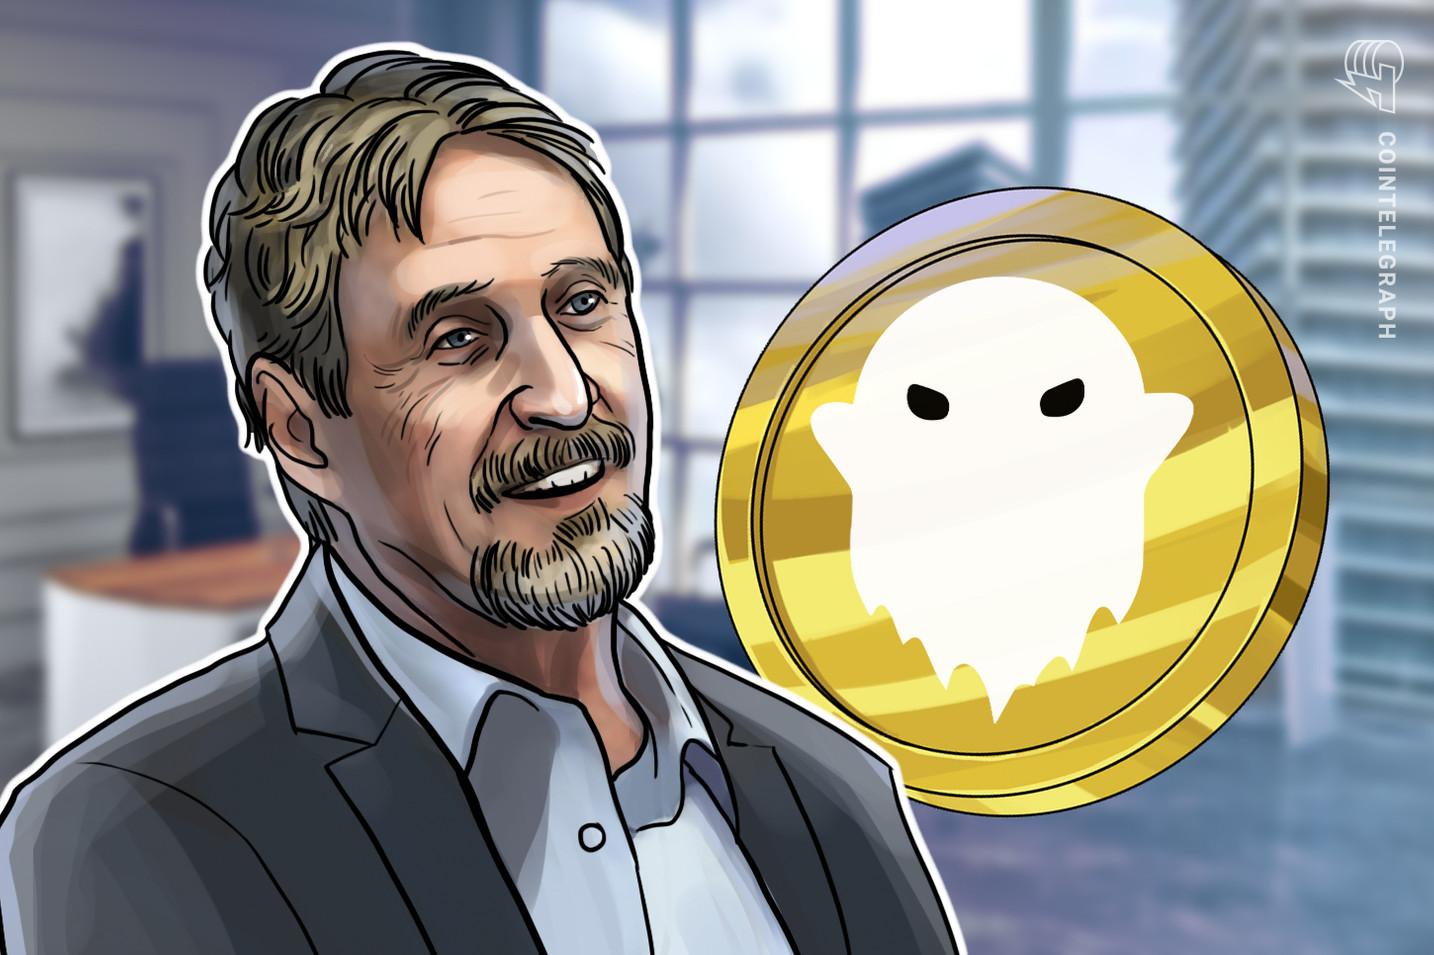 John McAfee aclaró que sigue formando parte del ecosistema de Ghost